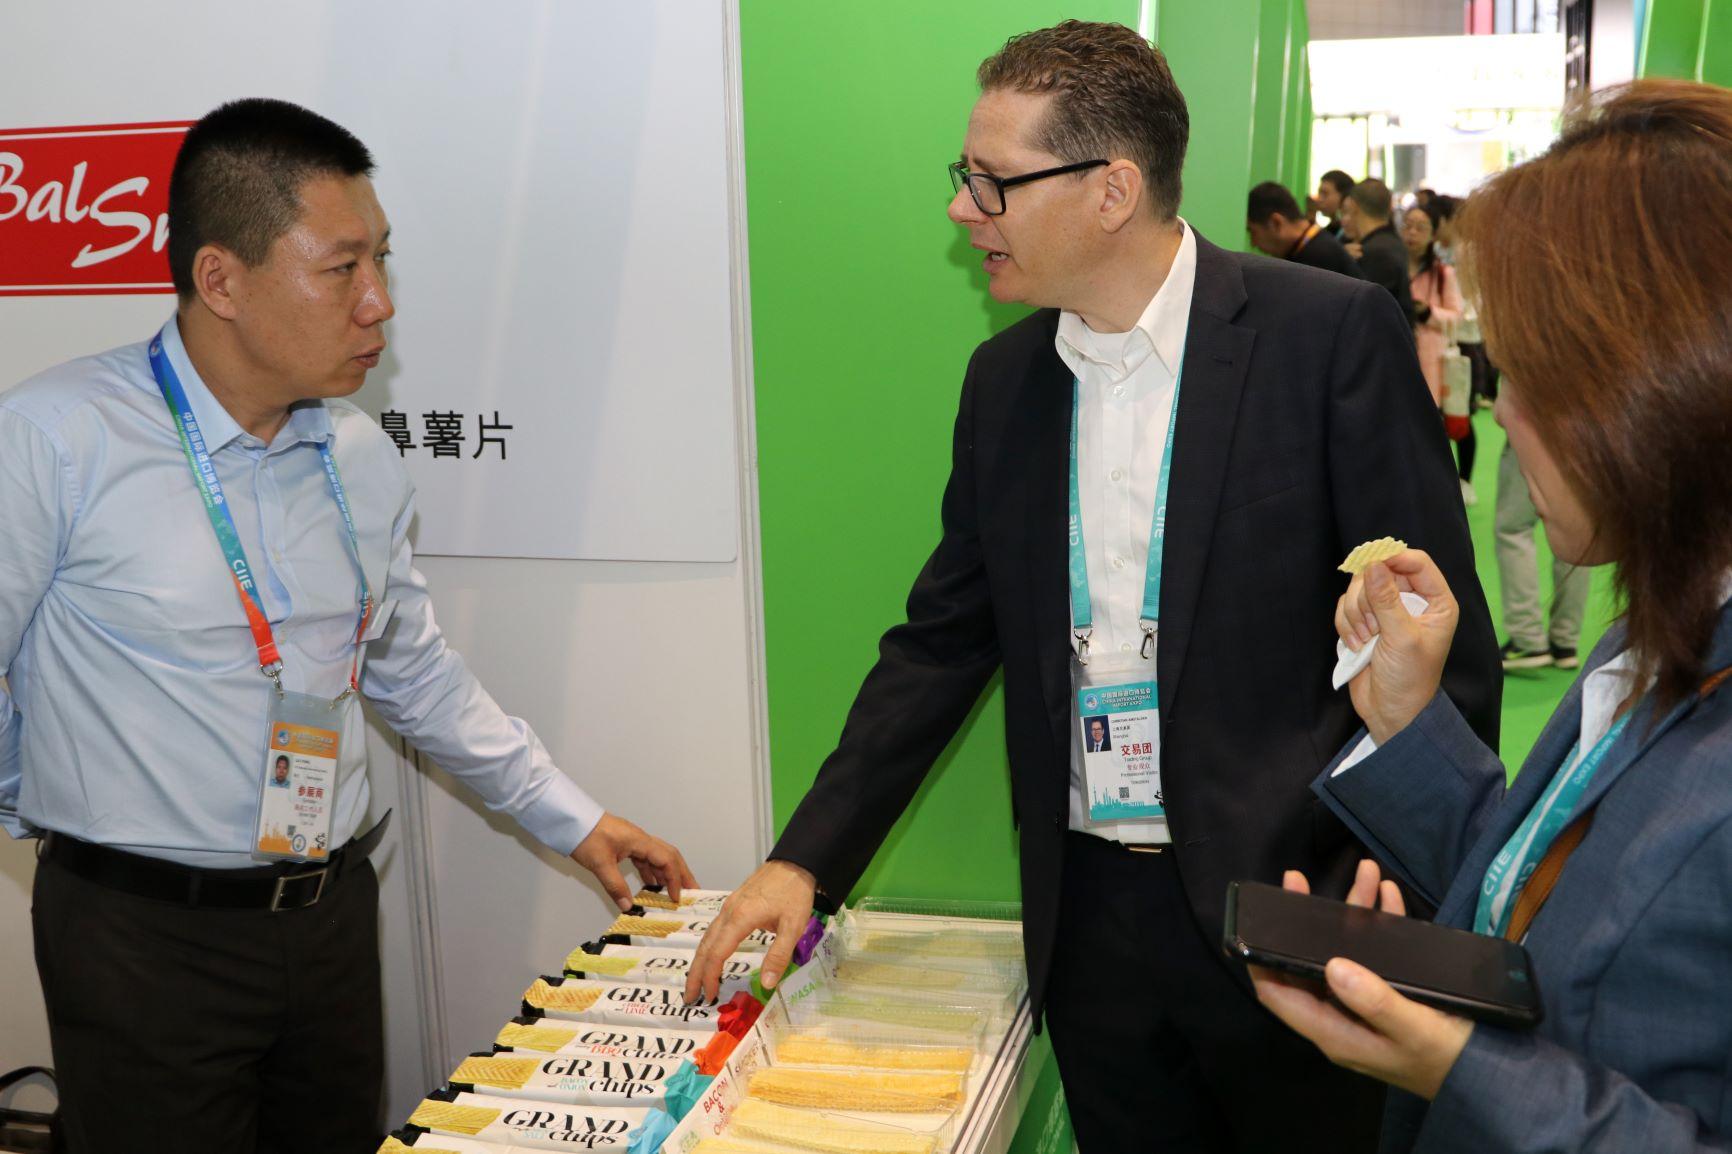 Hiina president soovib kaubanduse liberaliseerimist! Eesti ettevõtted osalevad Hiina äri suursündmusel